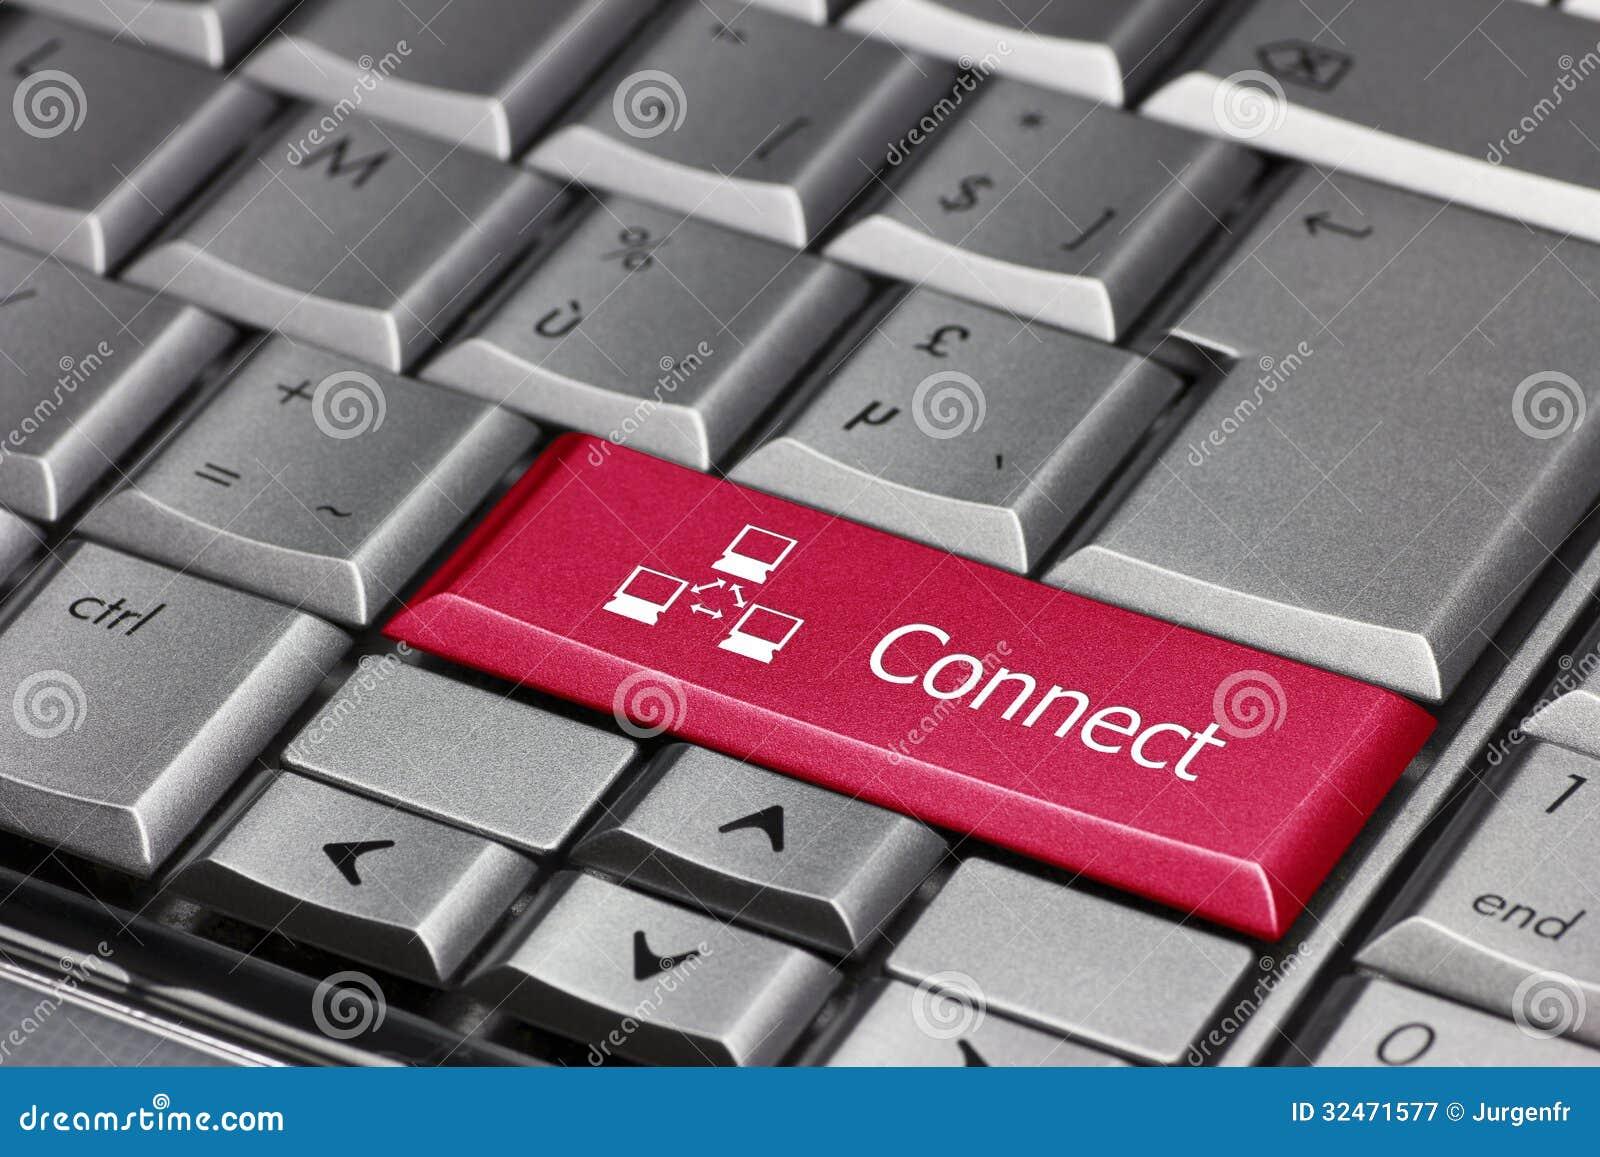 Verbindende computers